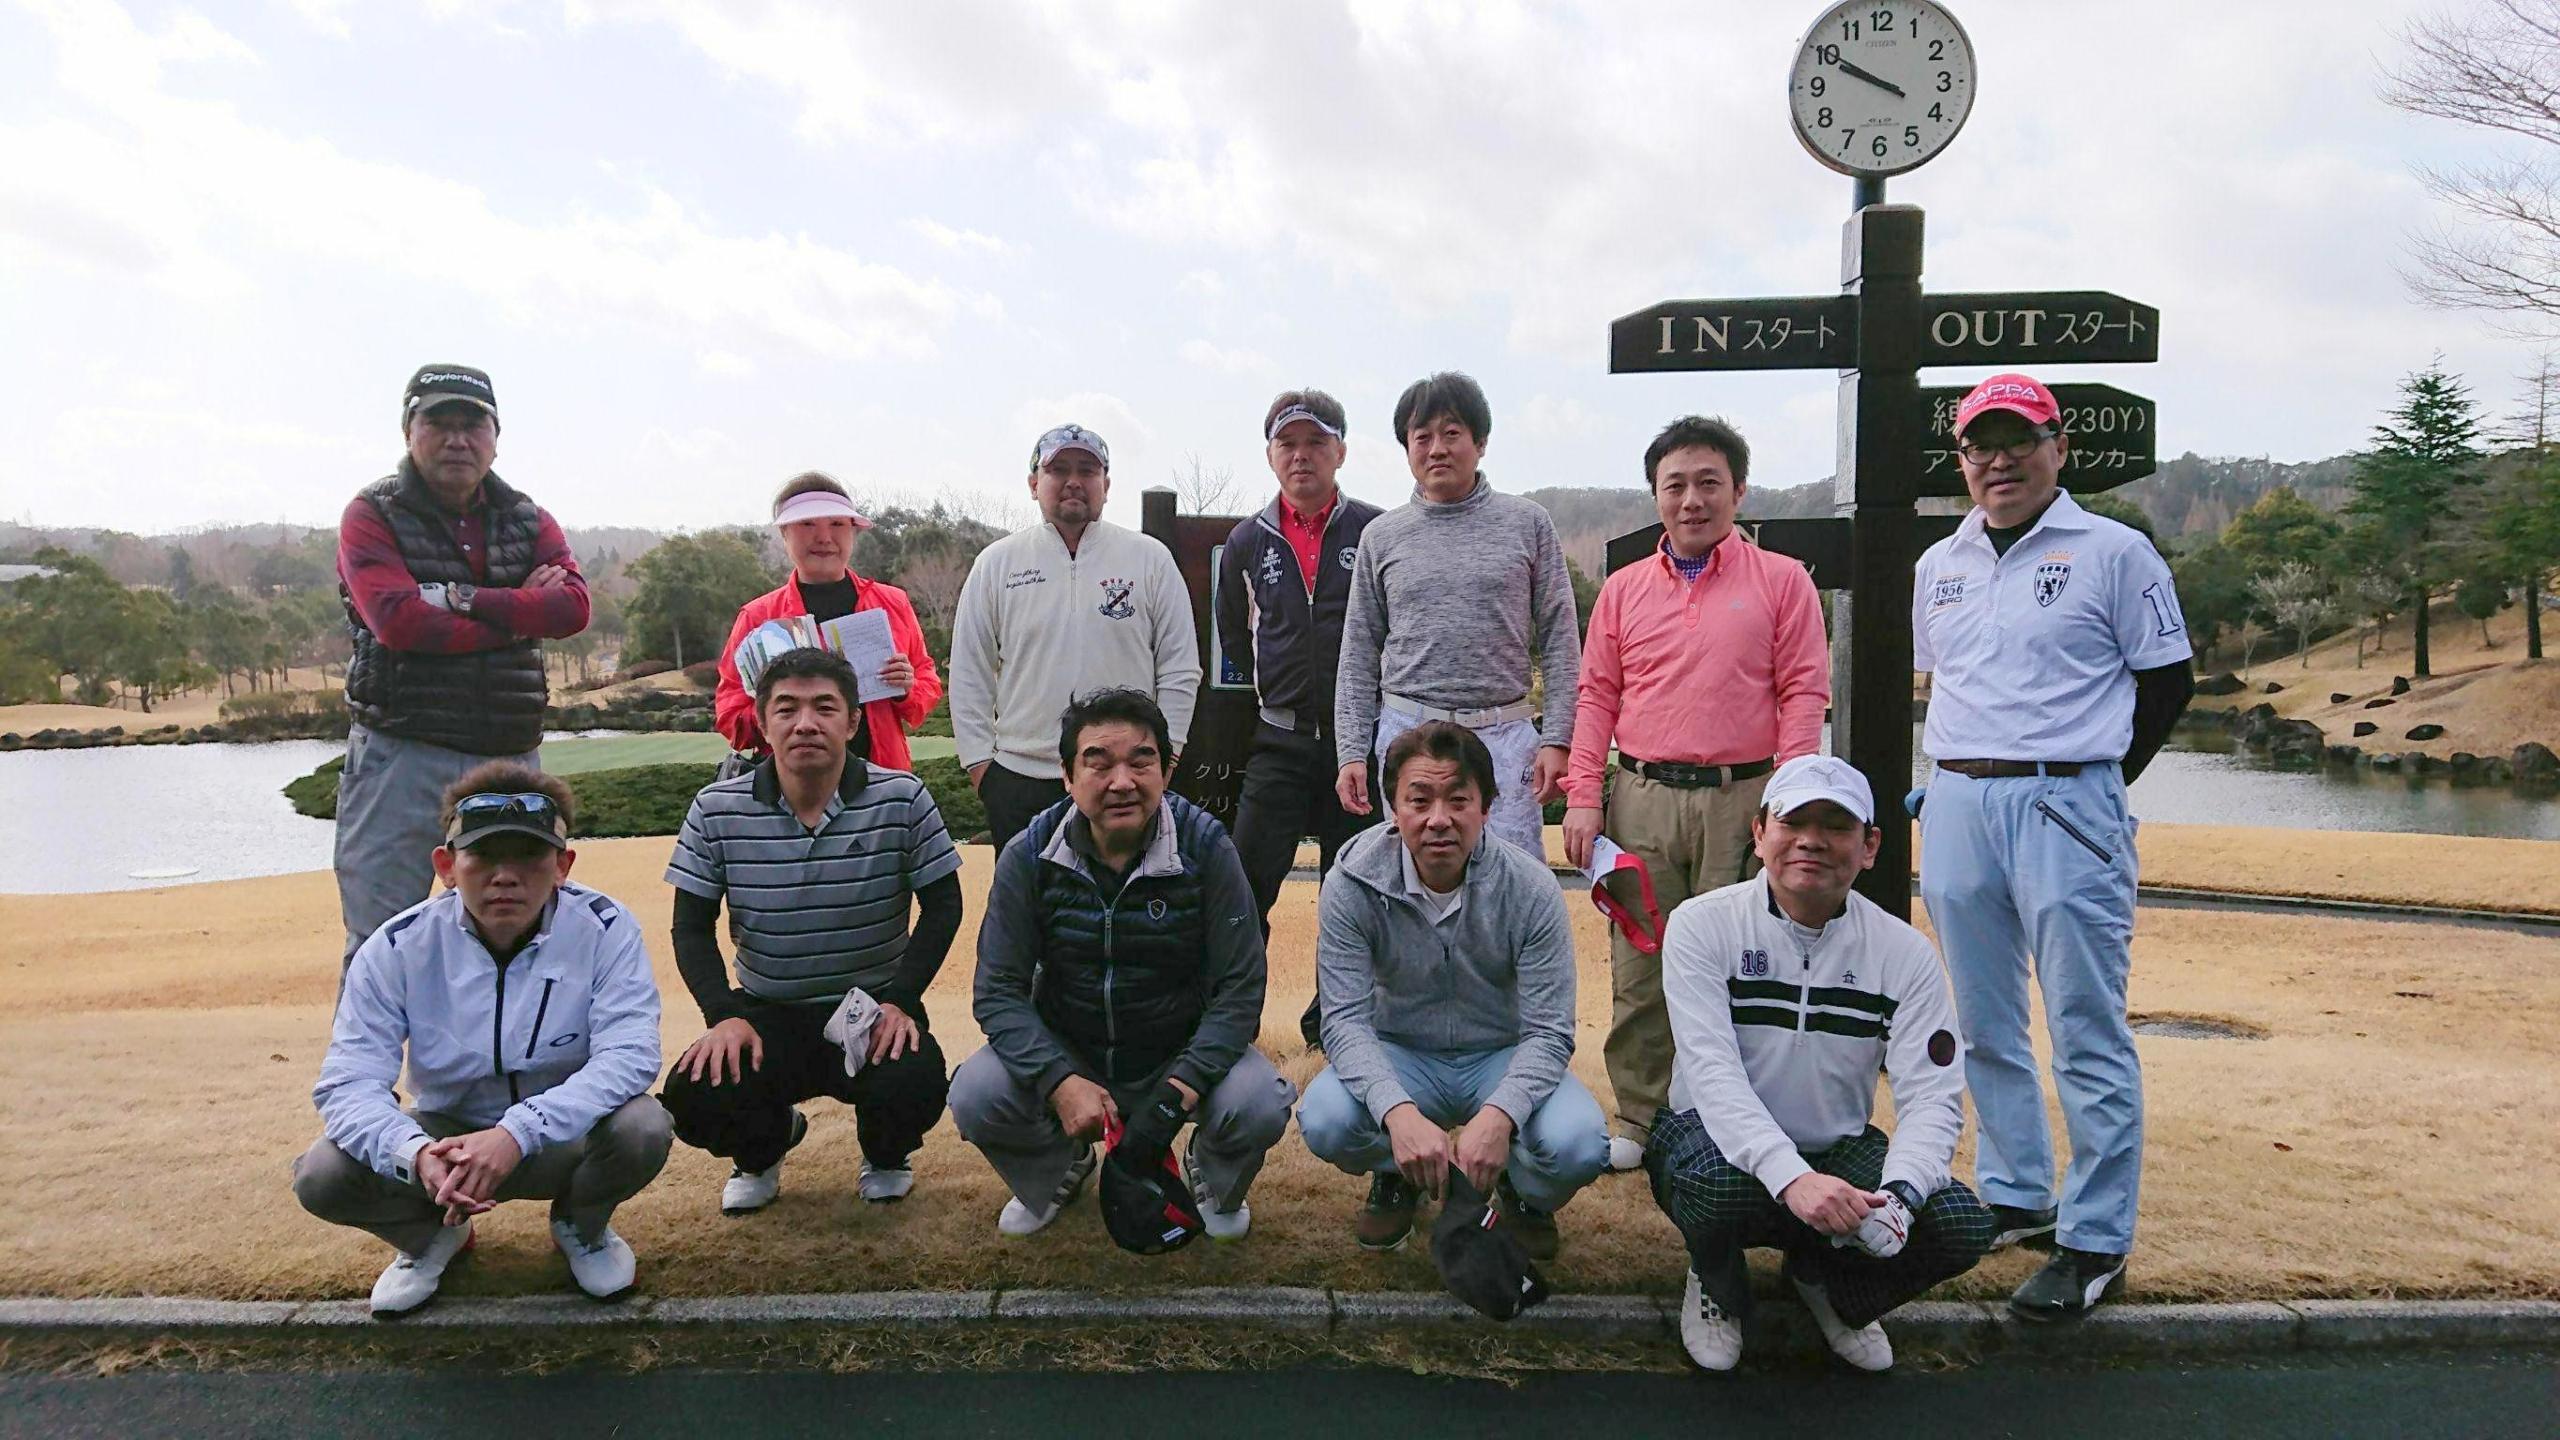 第六回 ジェルコ関東甲信越支部ゴルフコンペを実施しました。